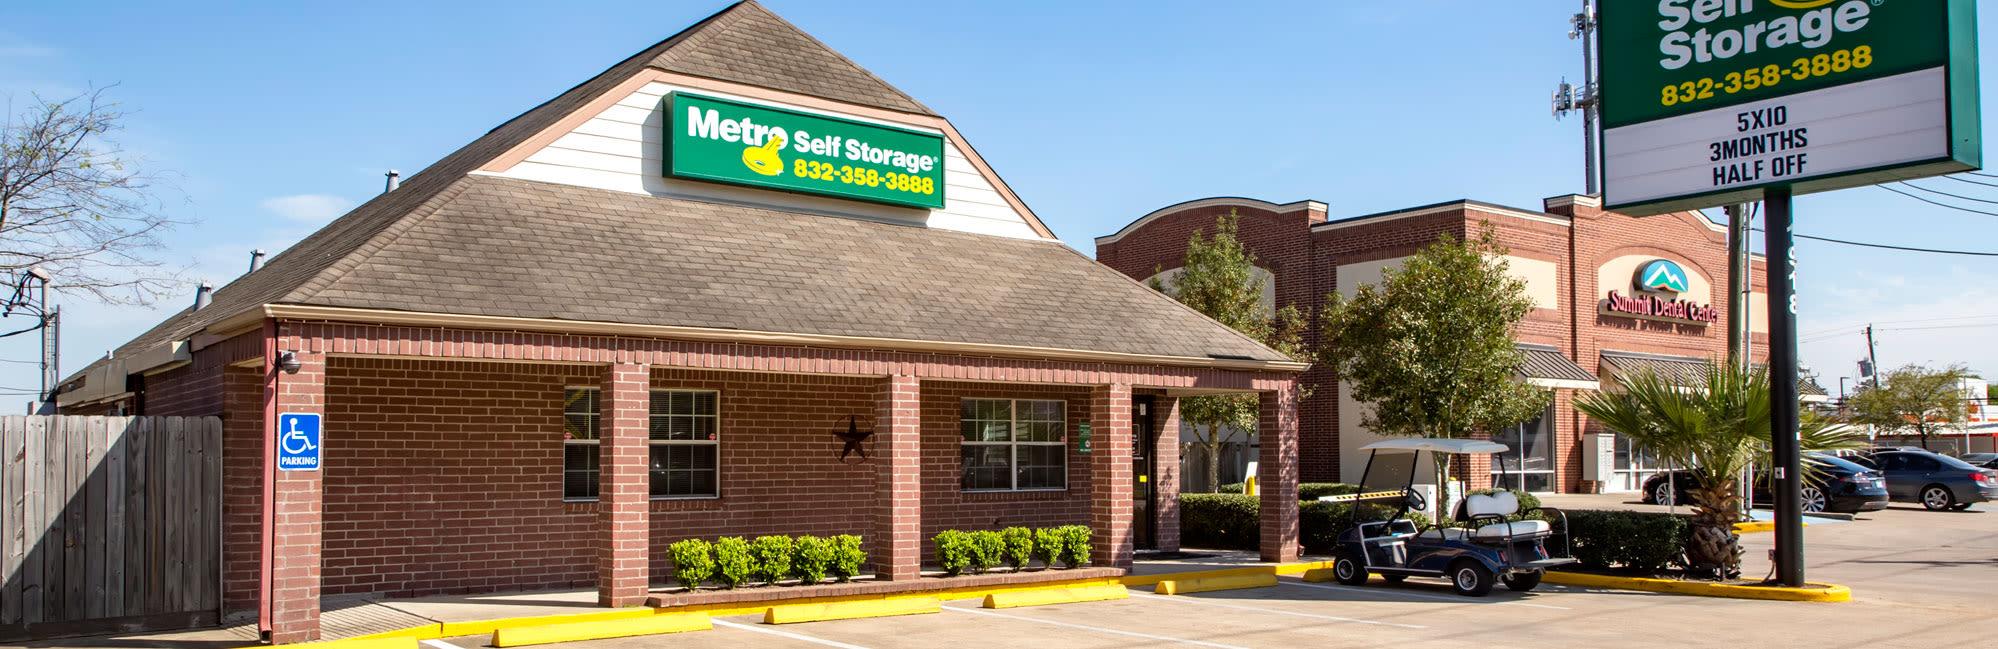 Metro Self Storage in Houston, TX